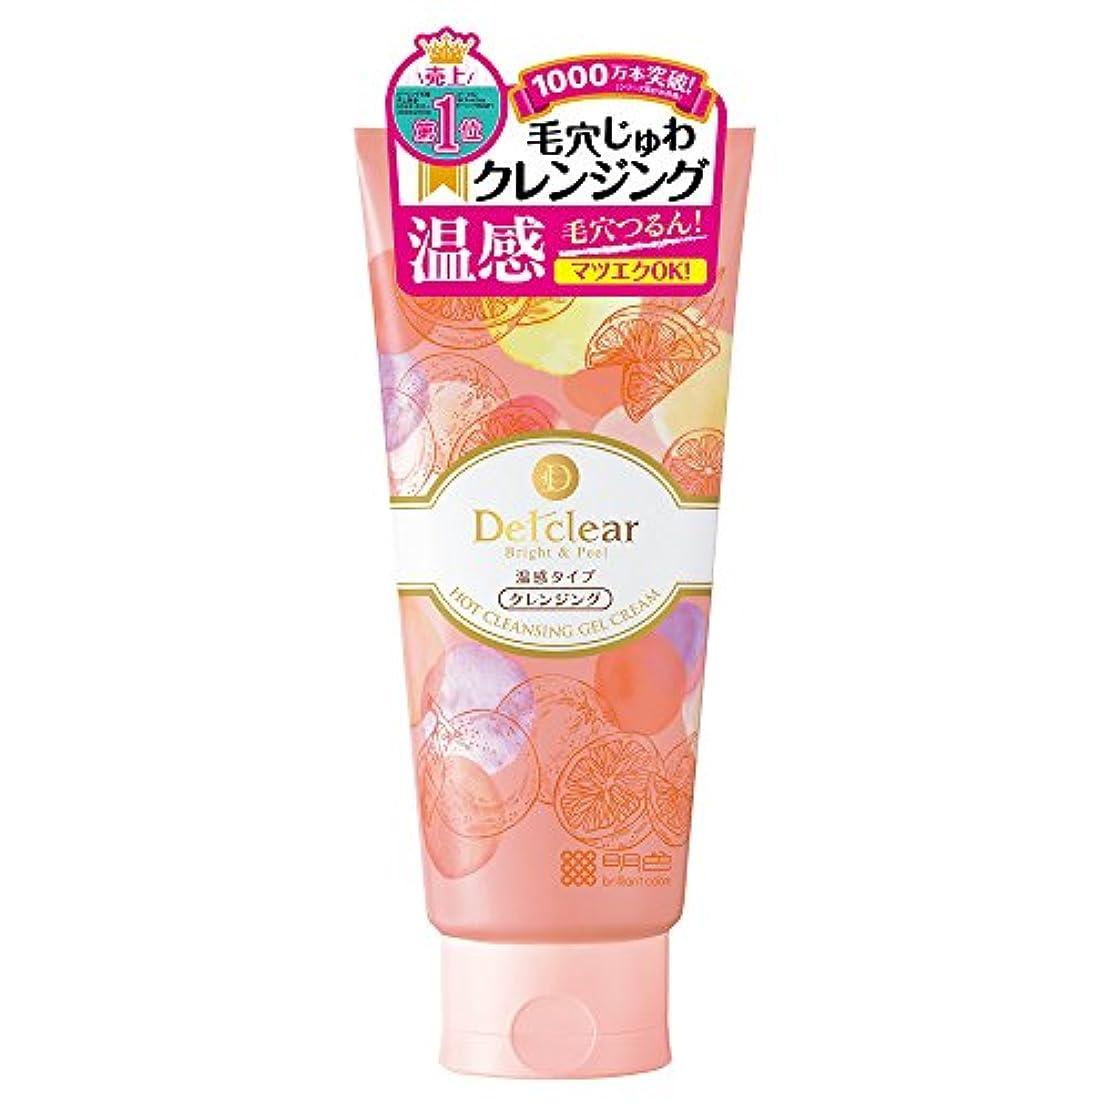 無視する読みやすいもっとDETクリア ブライト&ピール ホットクレンジング ジェルクリーム 200g (日本製) ベルガモットオレンジの香り